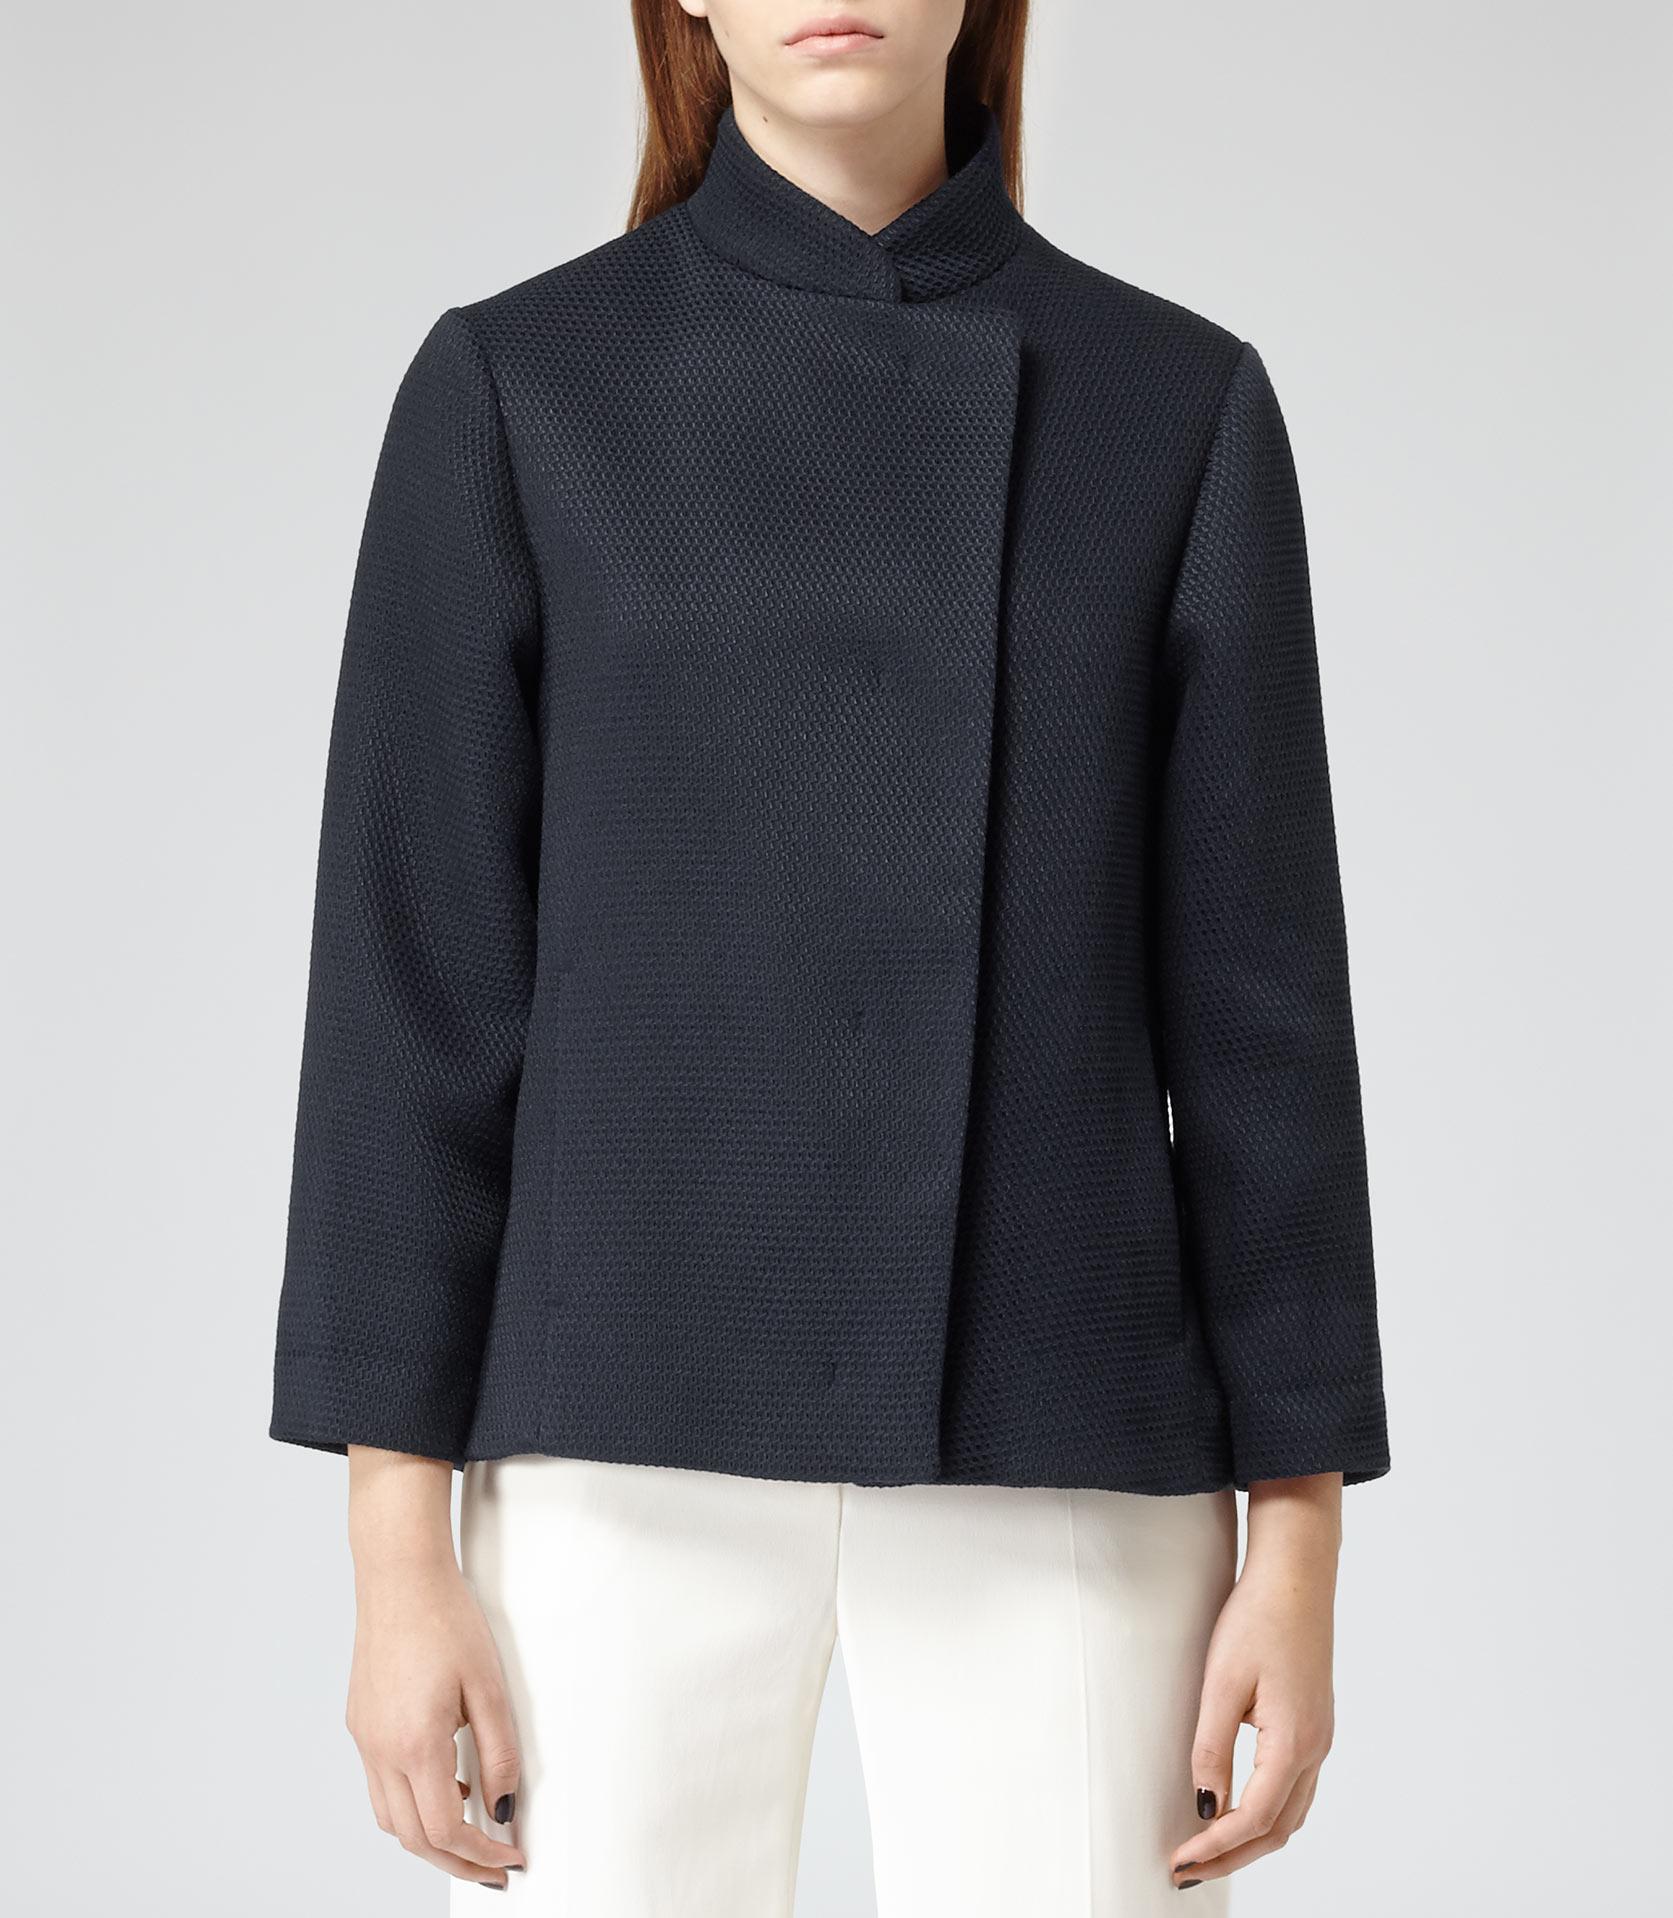 Othello lux navy textured tailored jacket